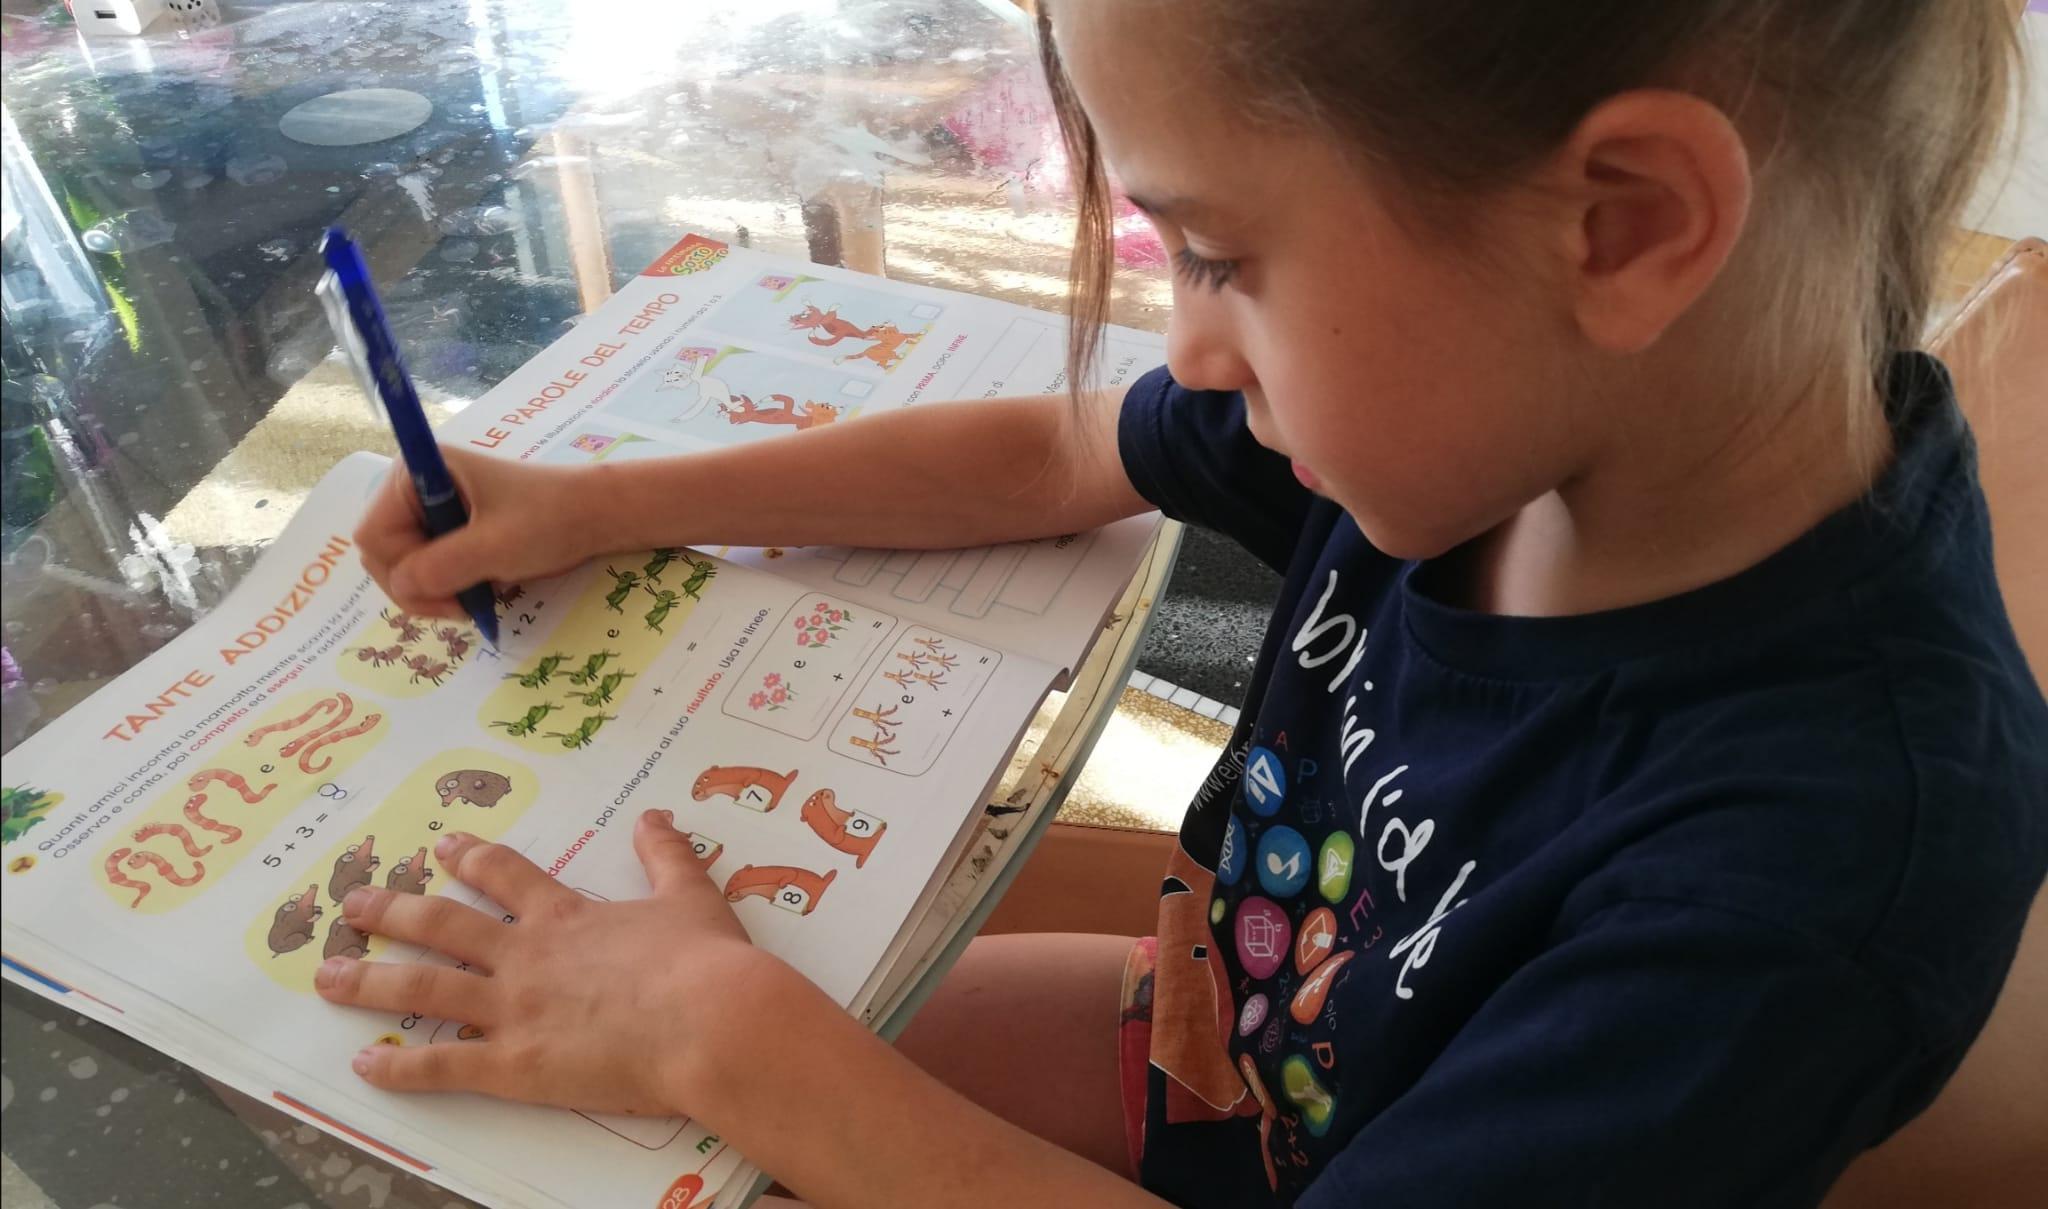 una bambina sta facendo i compiti